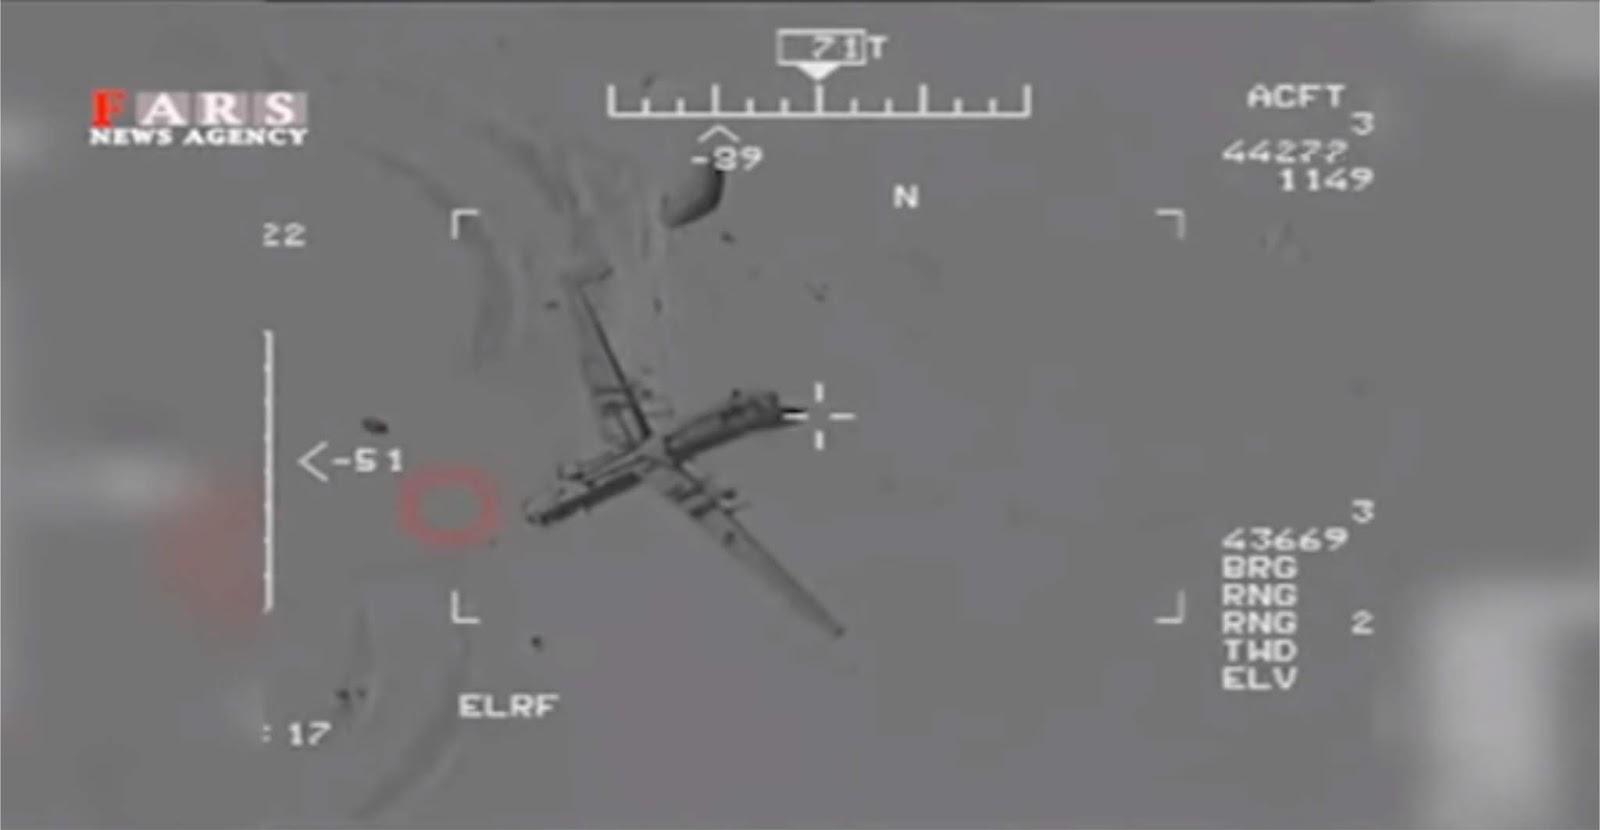 Iran merilis vide dengan klaim berhasil meretas UAV kelas berat AS